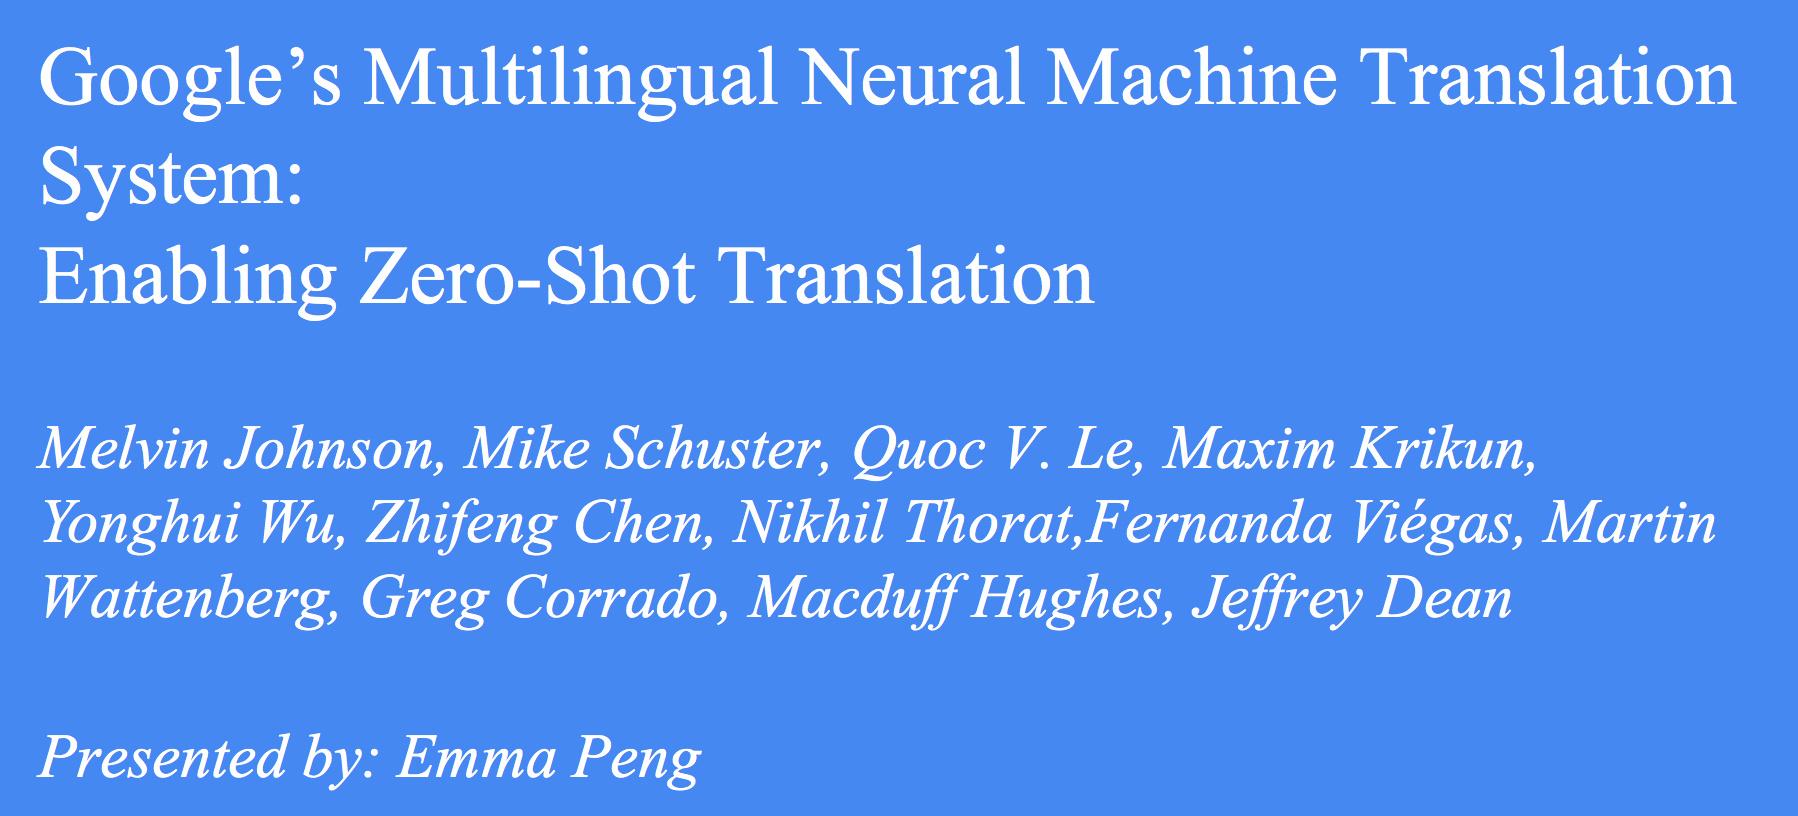 CS224n研究热点8 谷歌的多语种神经网络翻译系统